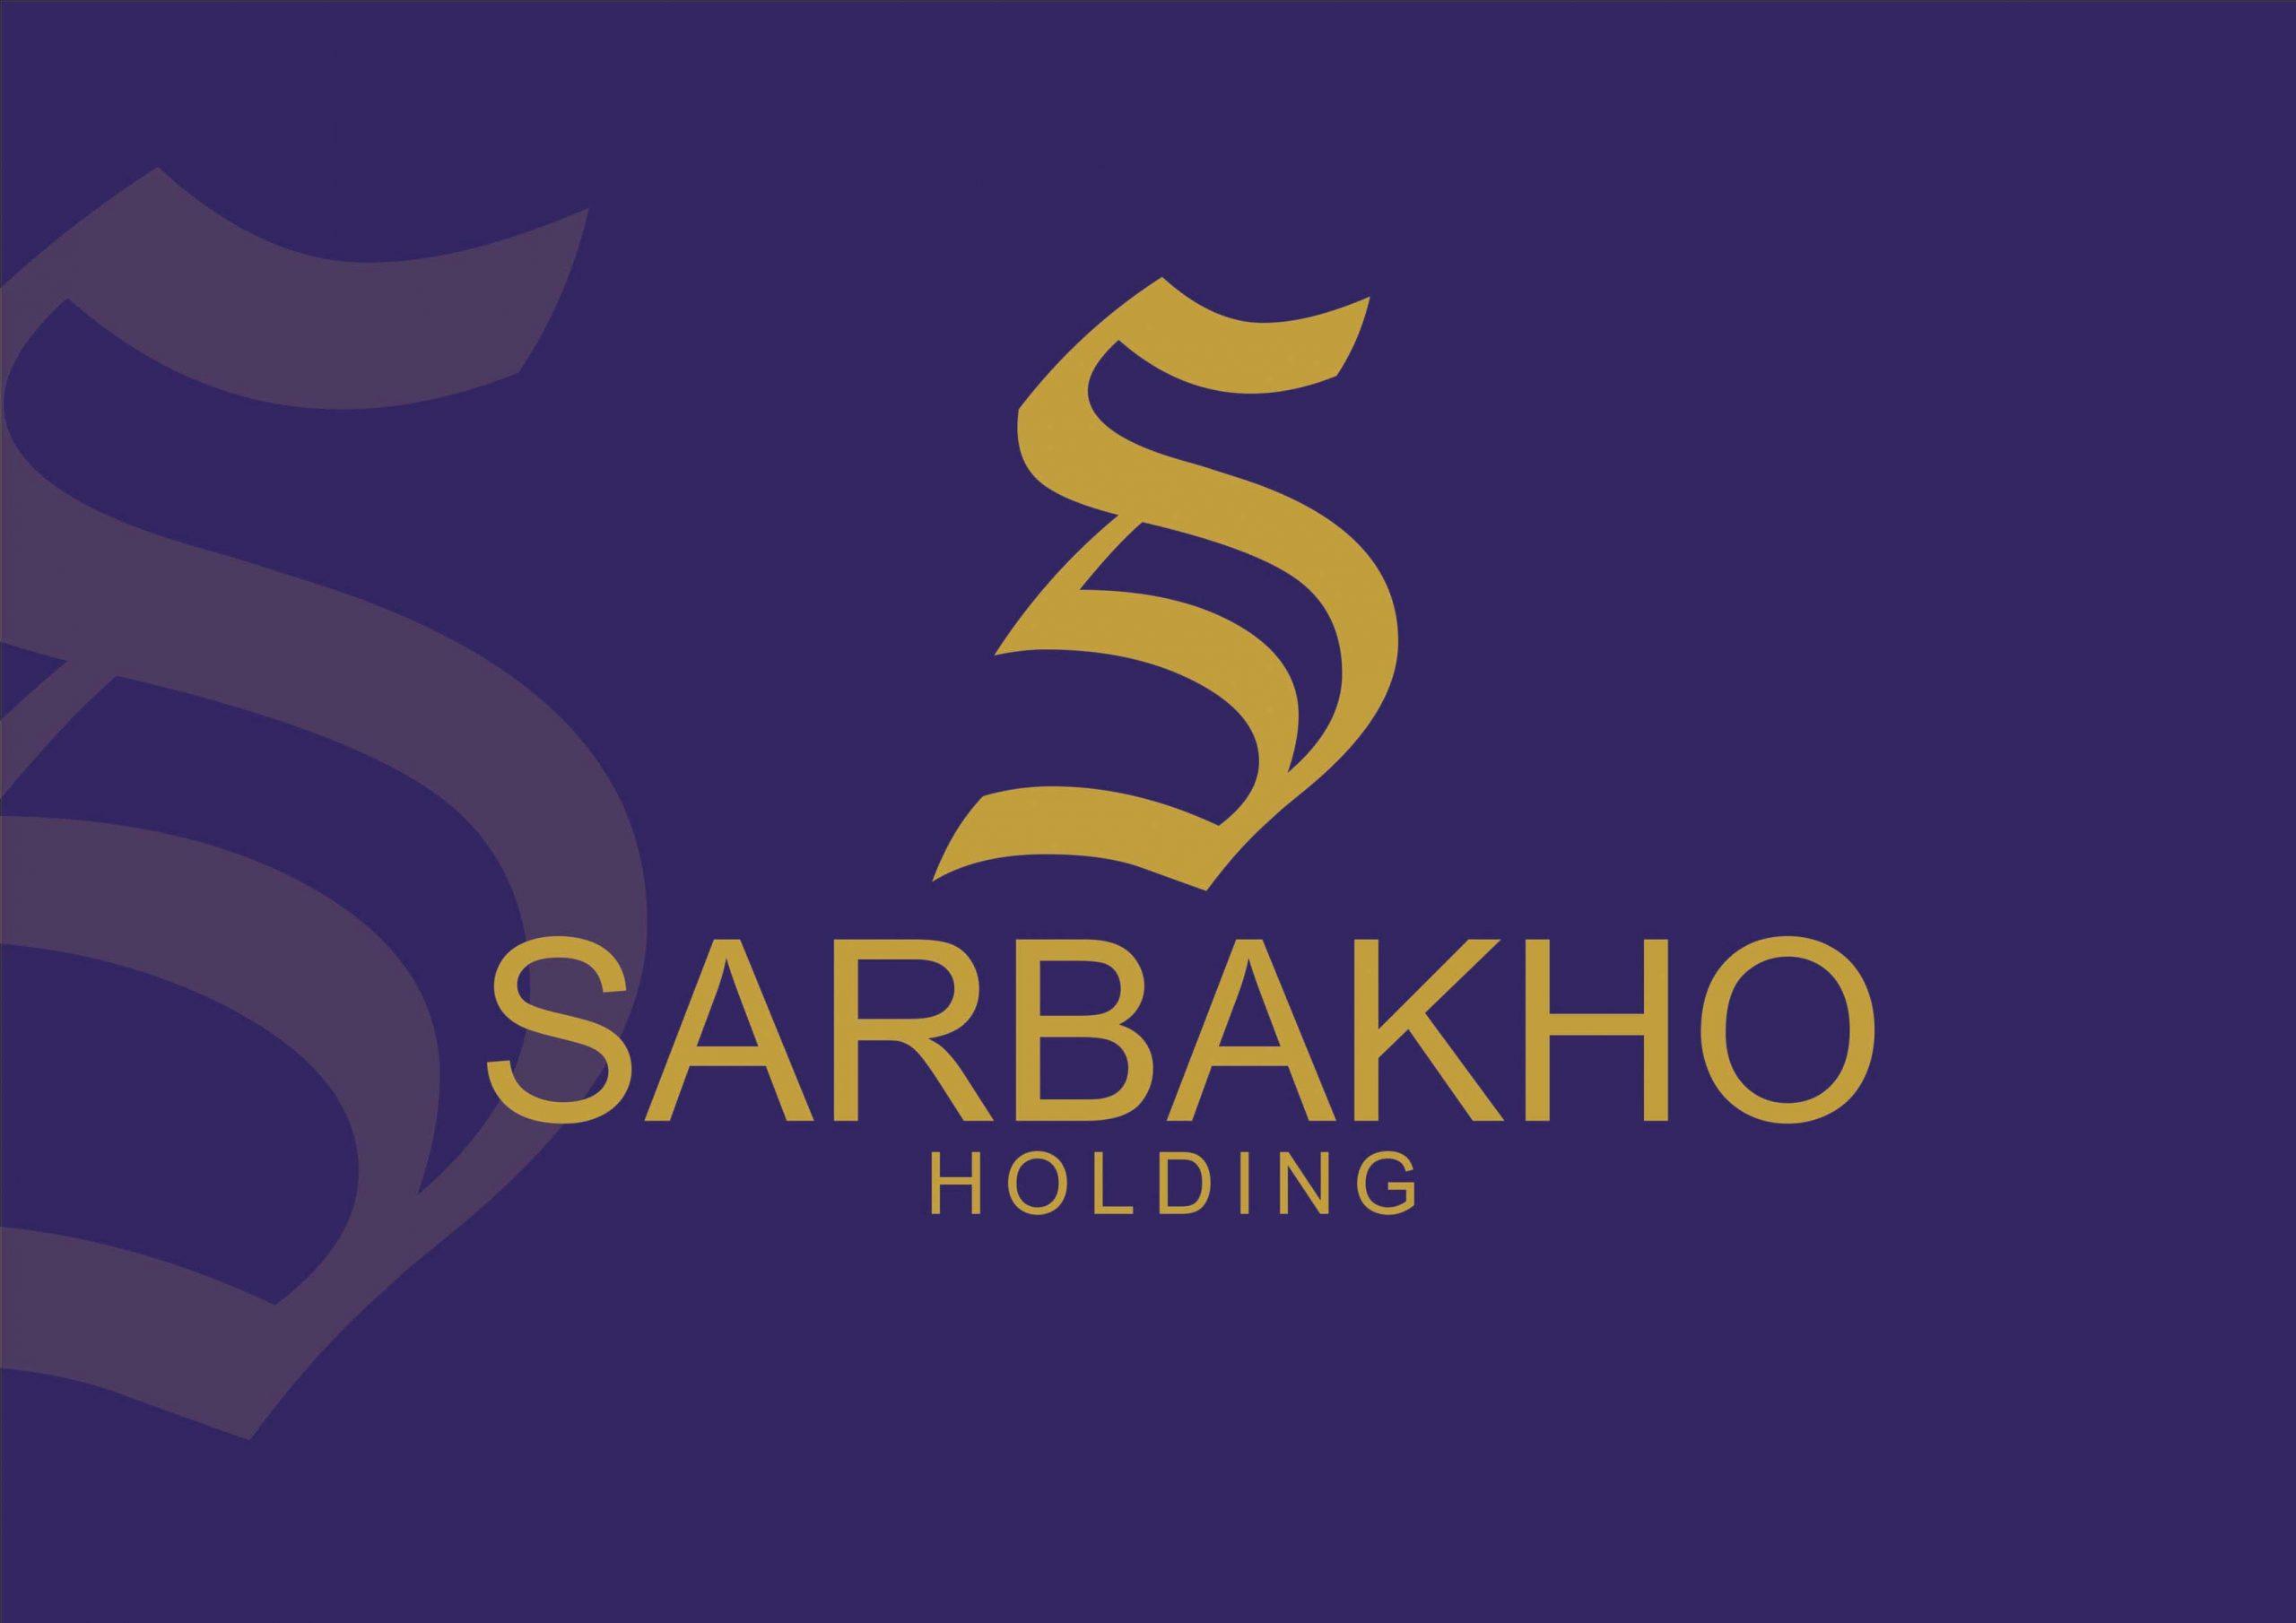 SARBAKHO Holding Branding